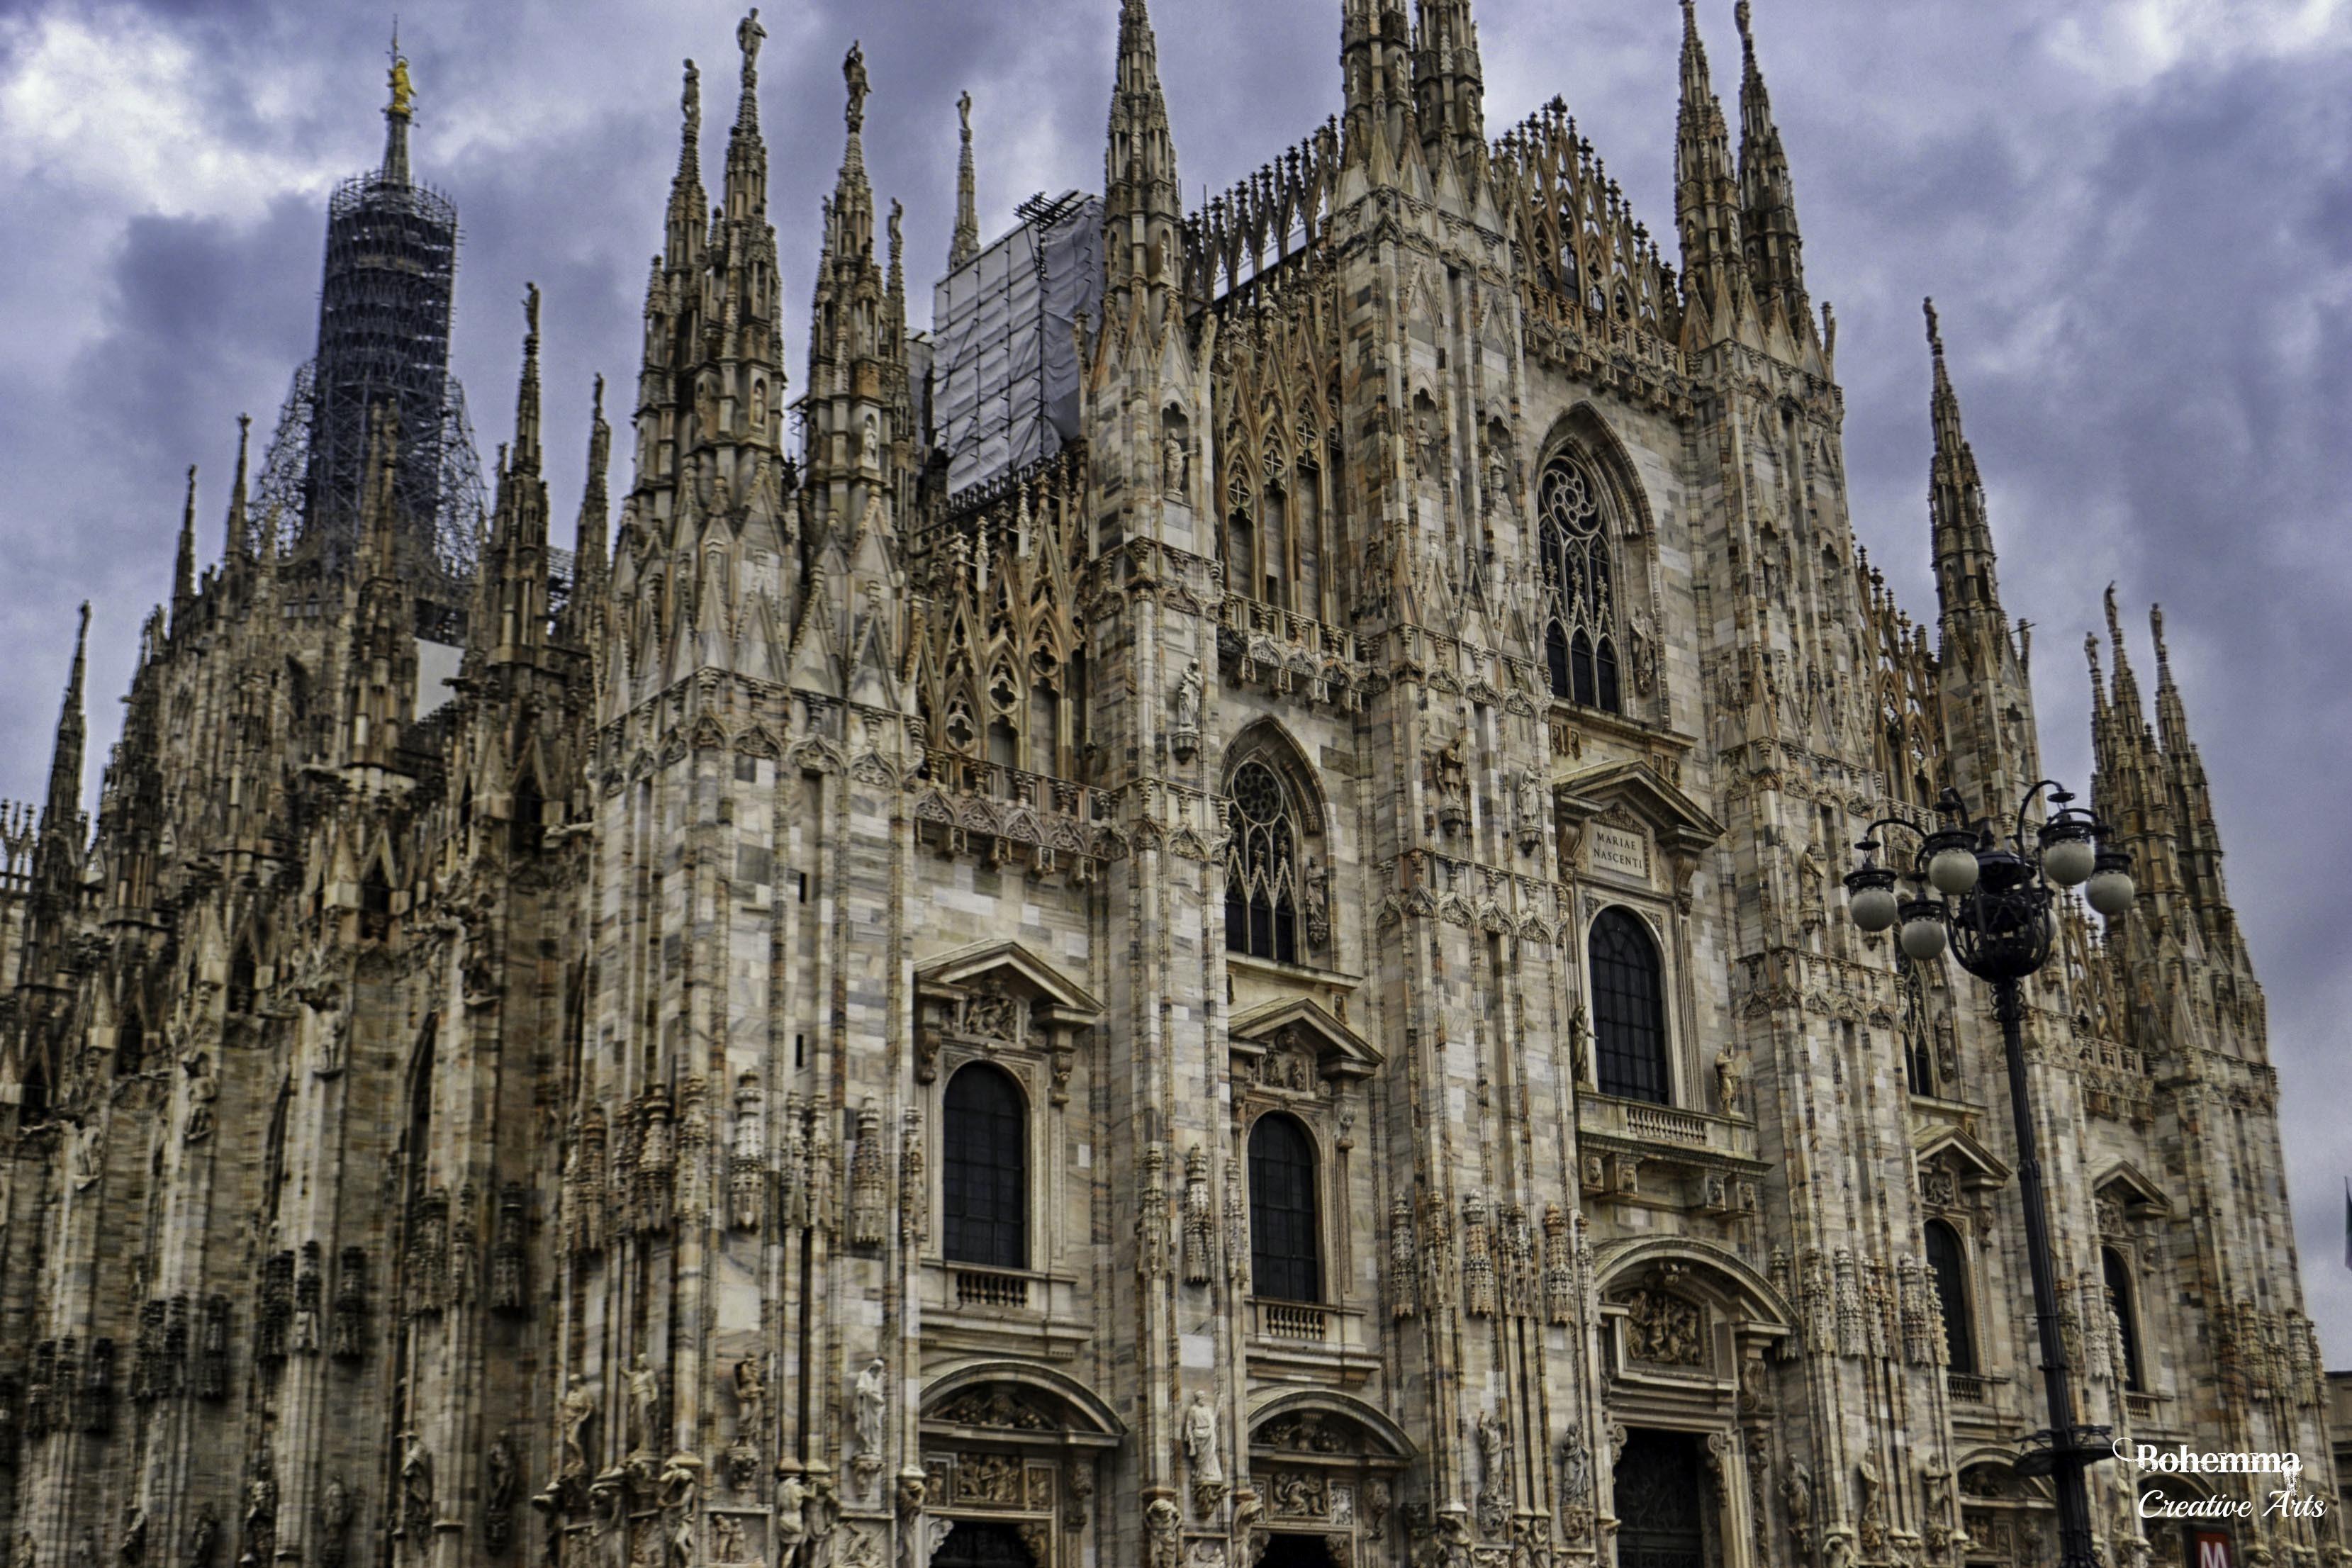 Готический стиль: средневековая готика в архитектуре и искусстве